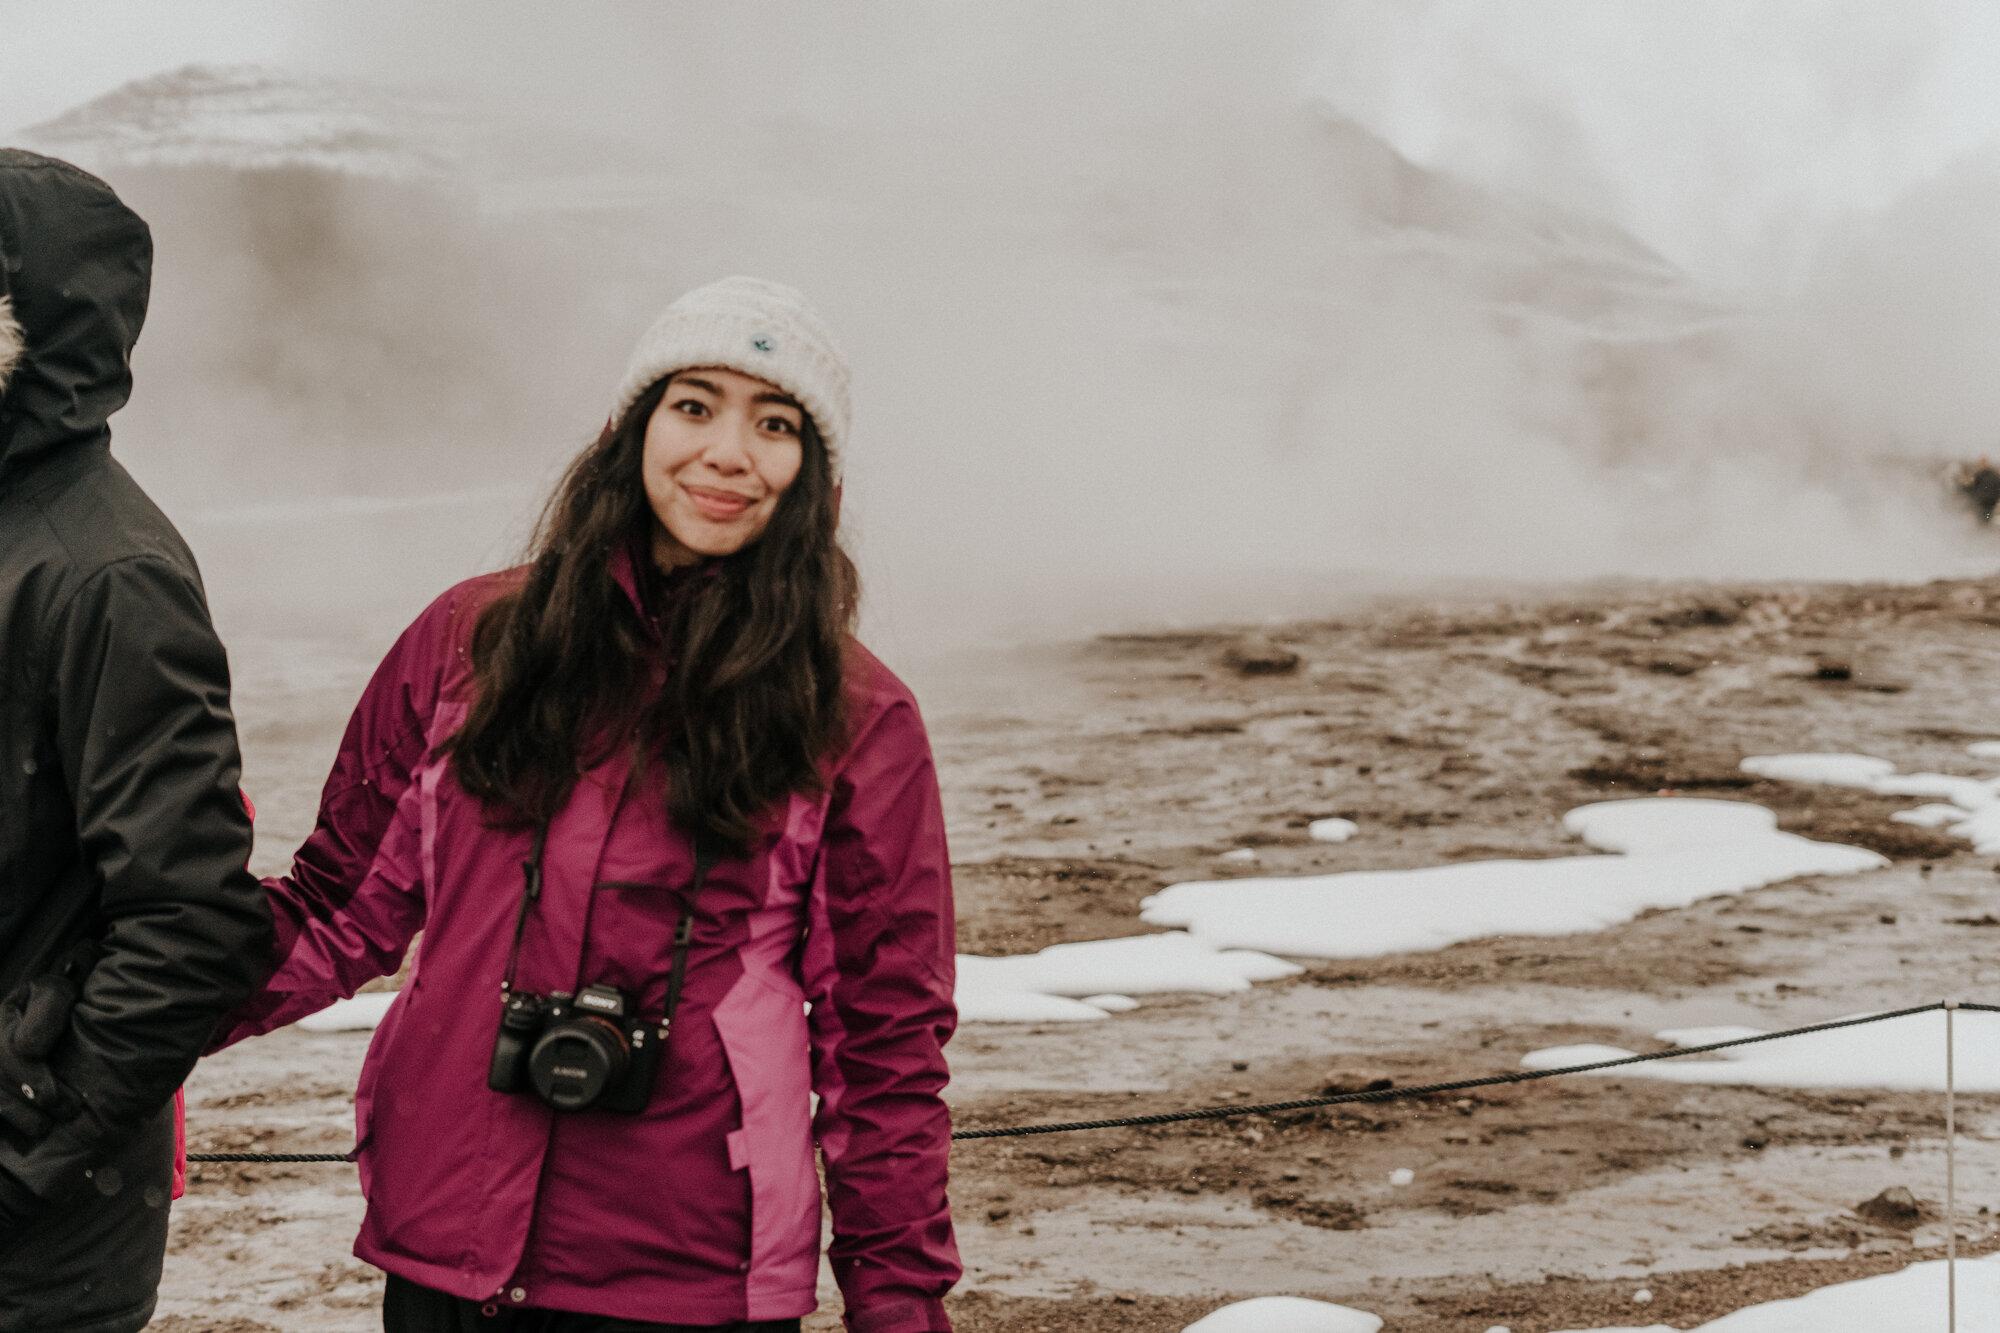 冰岛间歇泉地热温泉-2-2.jpg